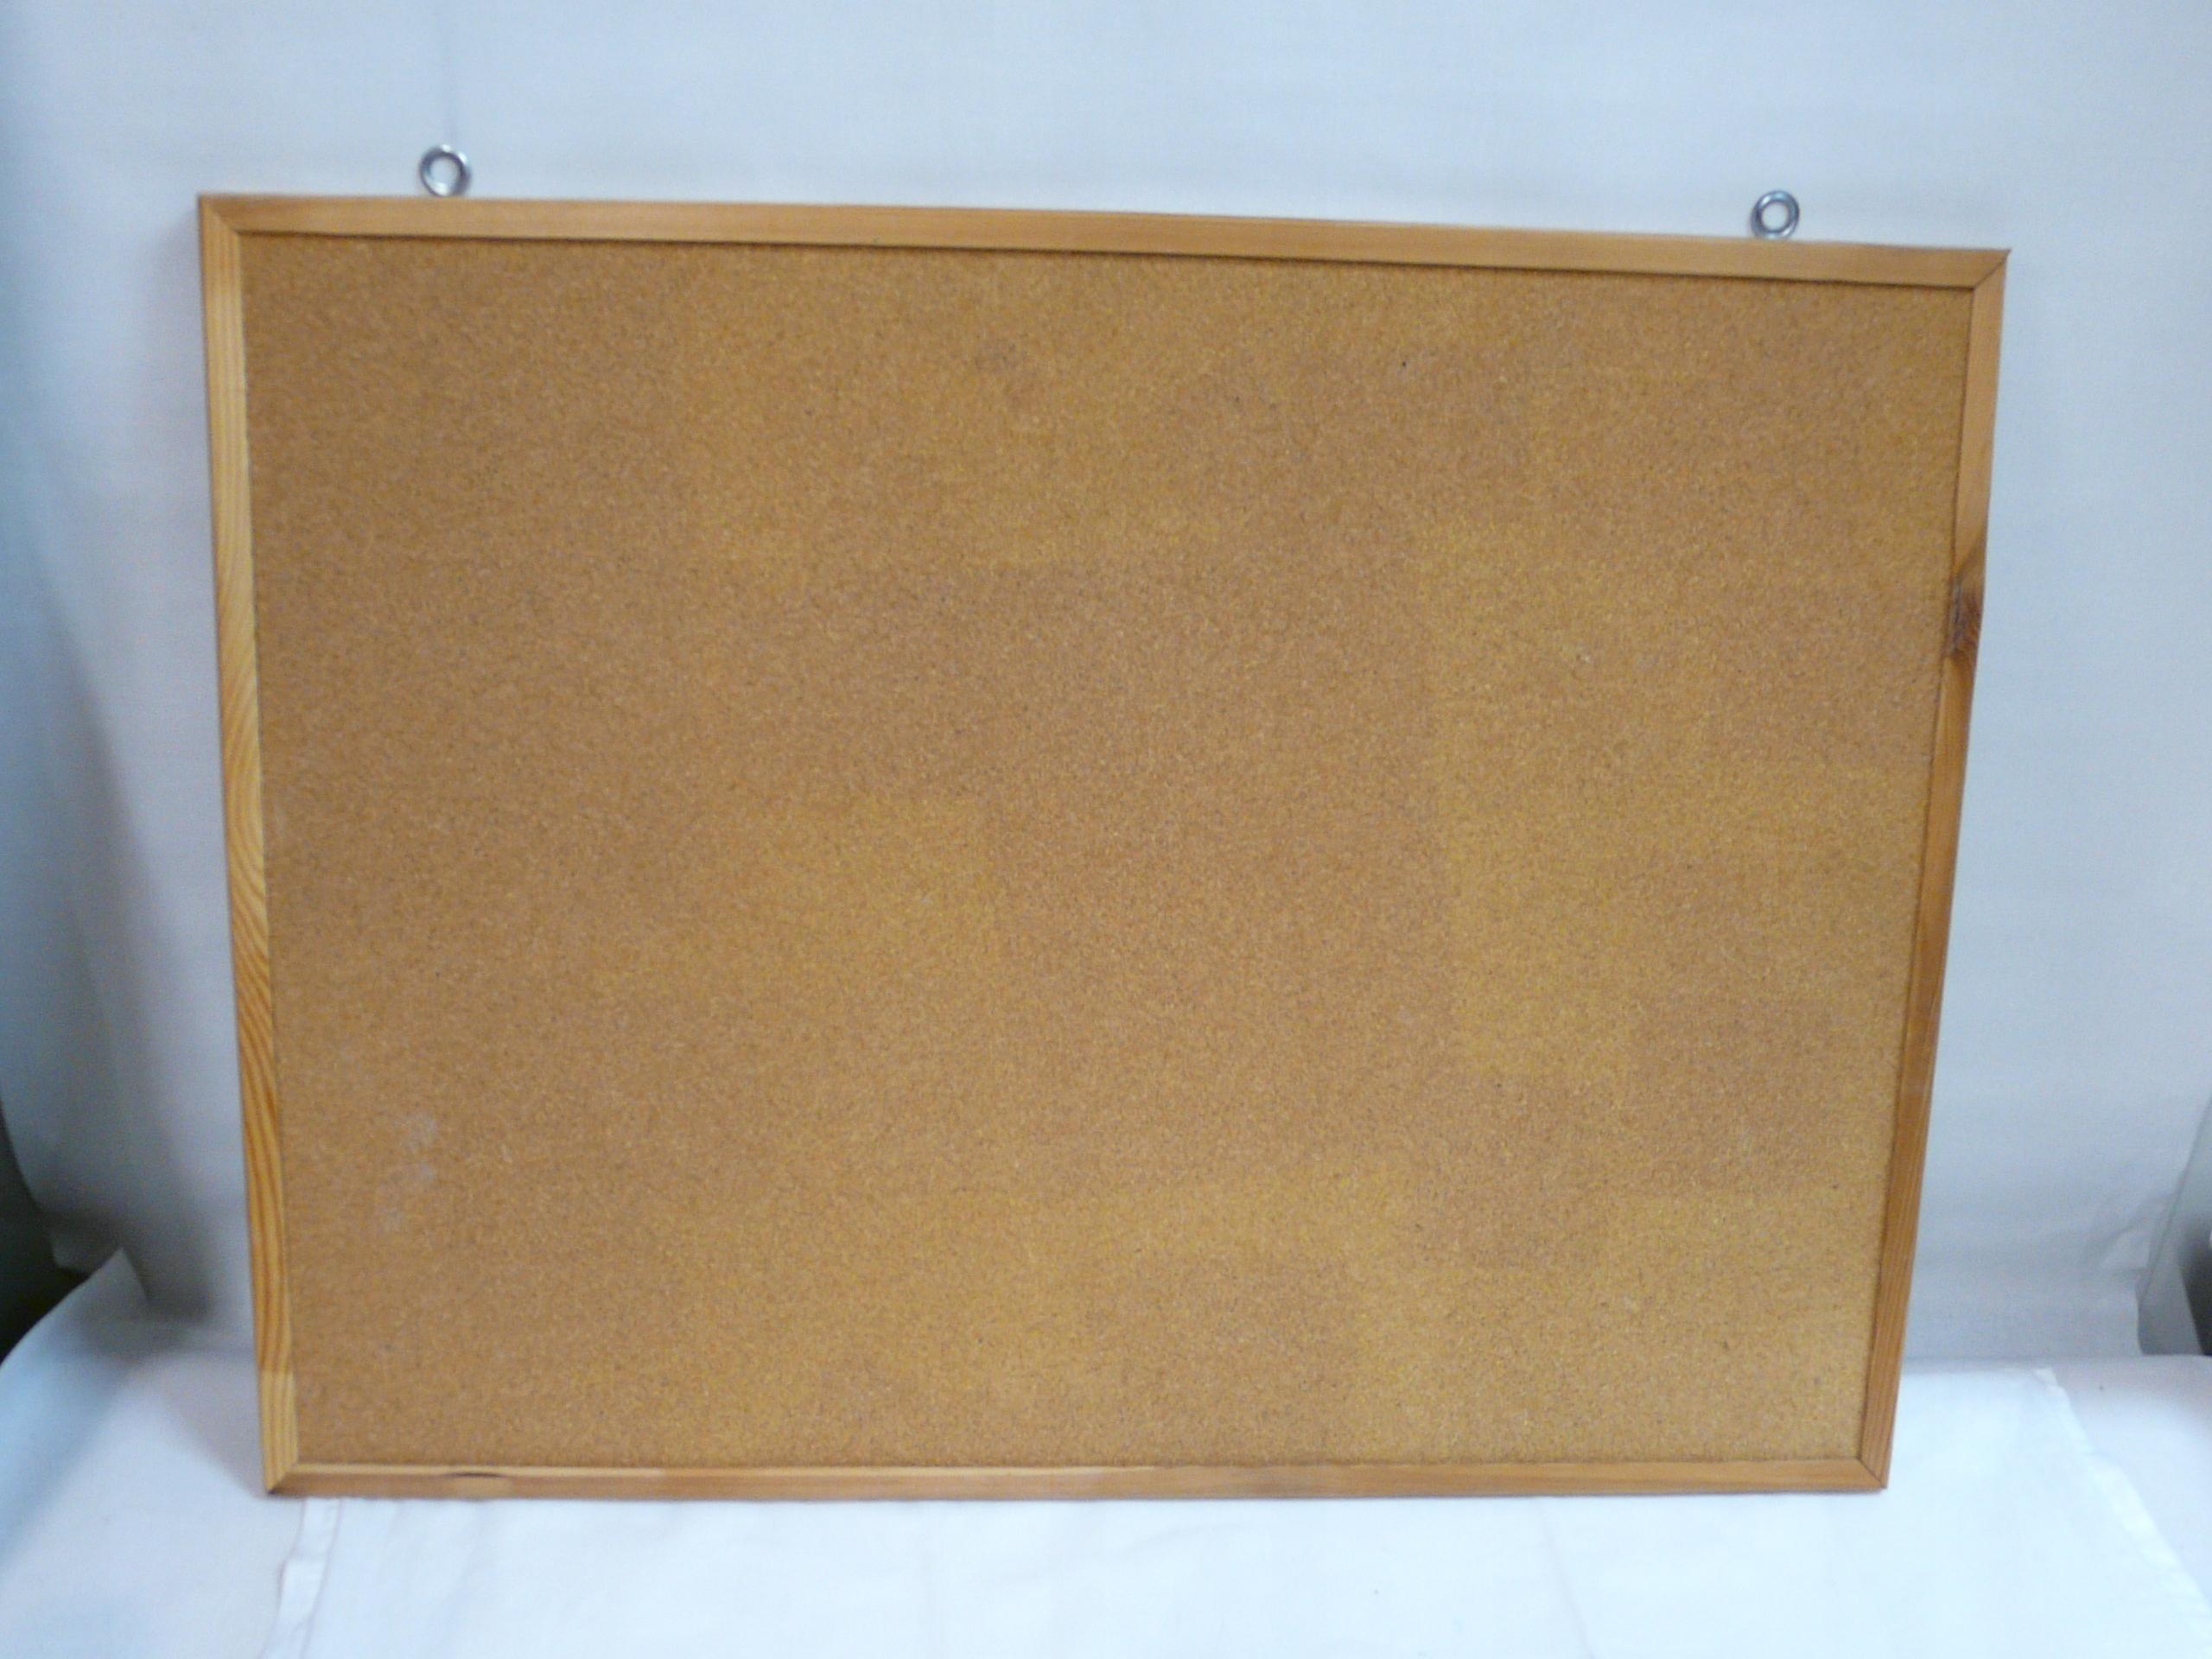 Tablica korkowa 60 x 80 cm